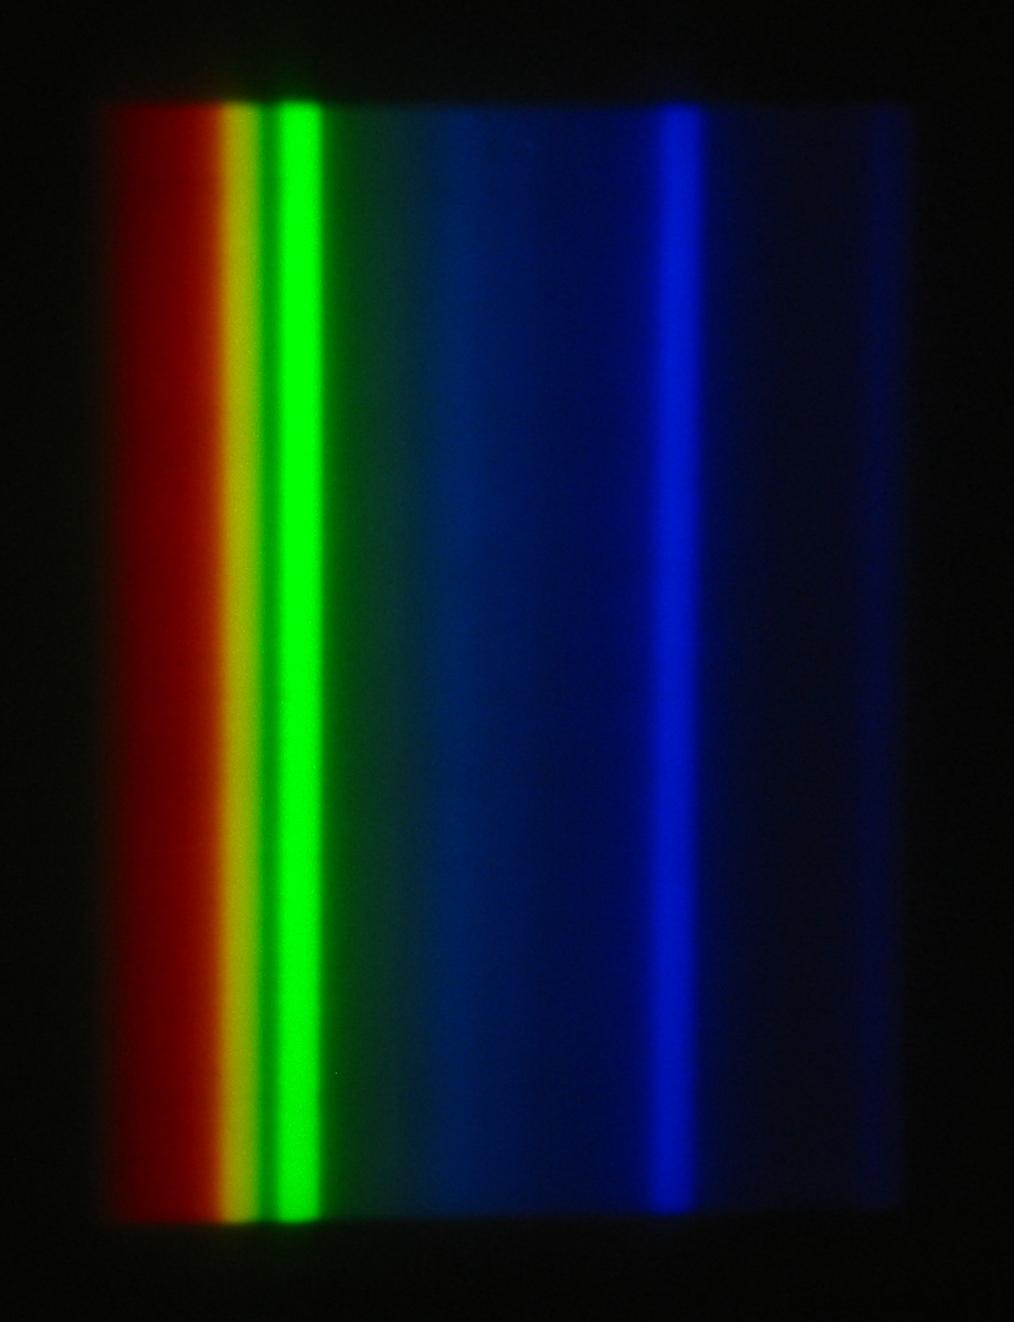 которые используются фото спектра света от монохроматора просты виду